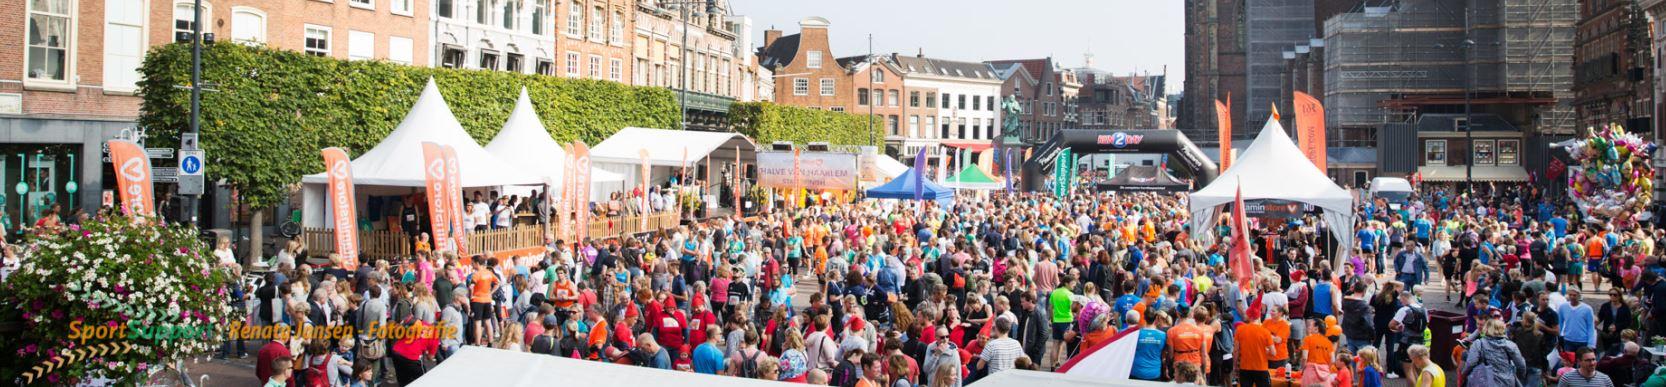 33e editie Vitaminstore Halve van Haarlem, een nazomers hardloopfeest